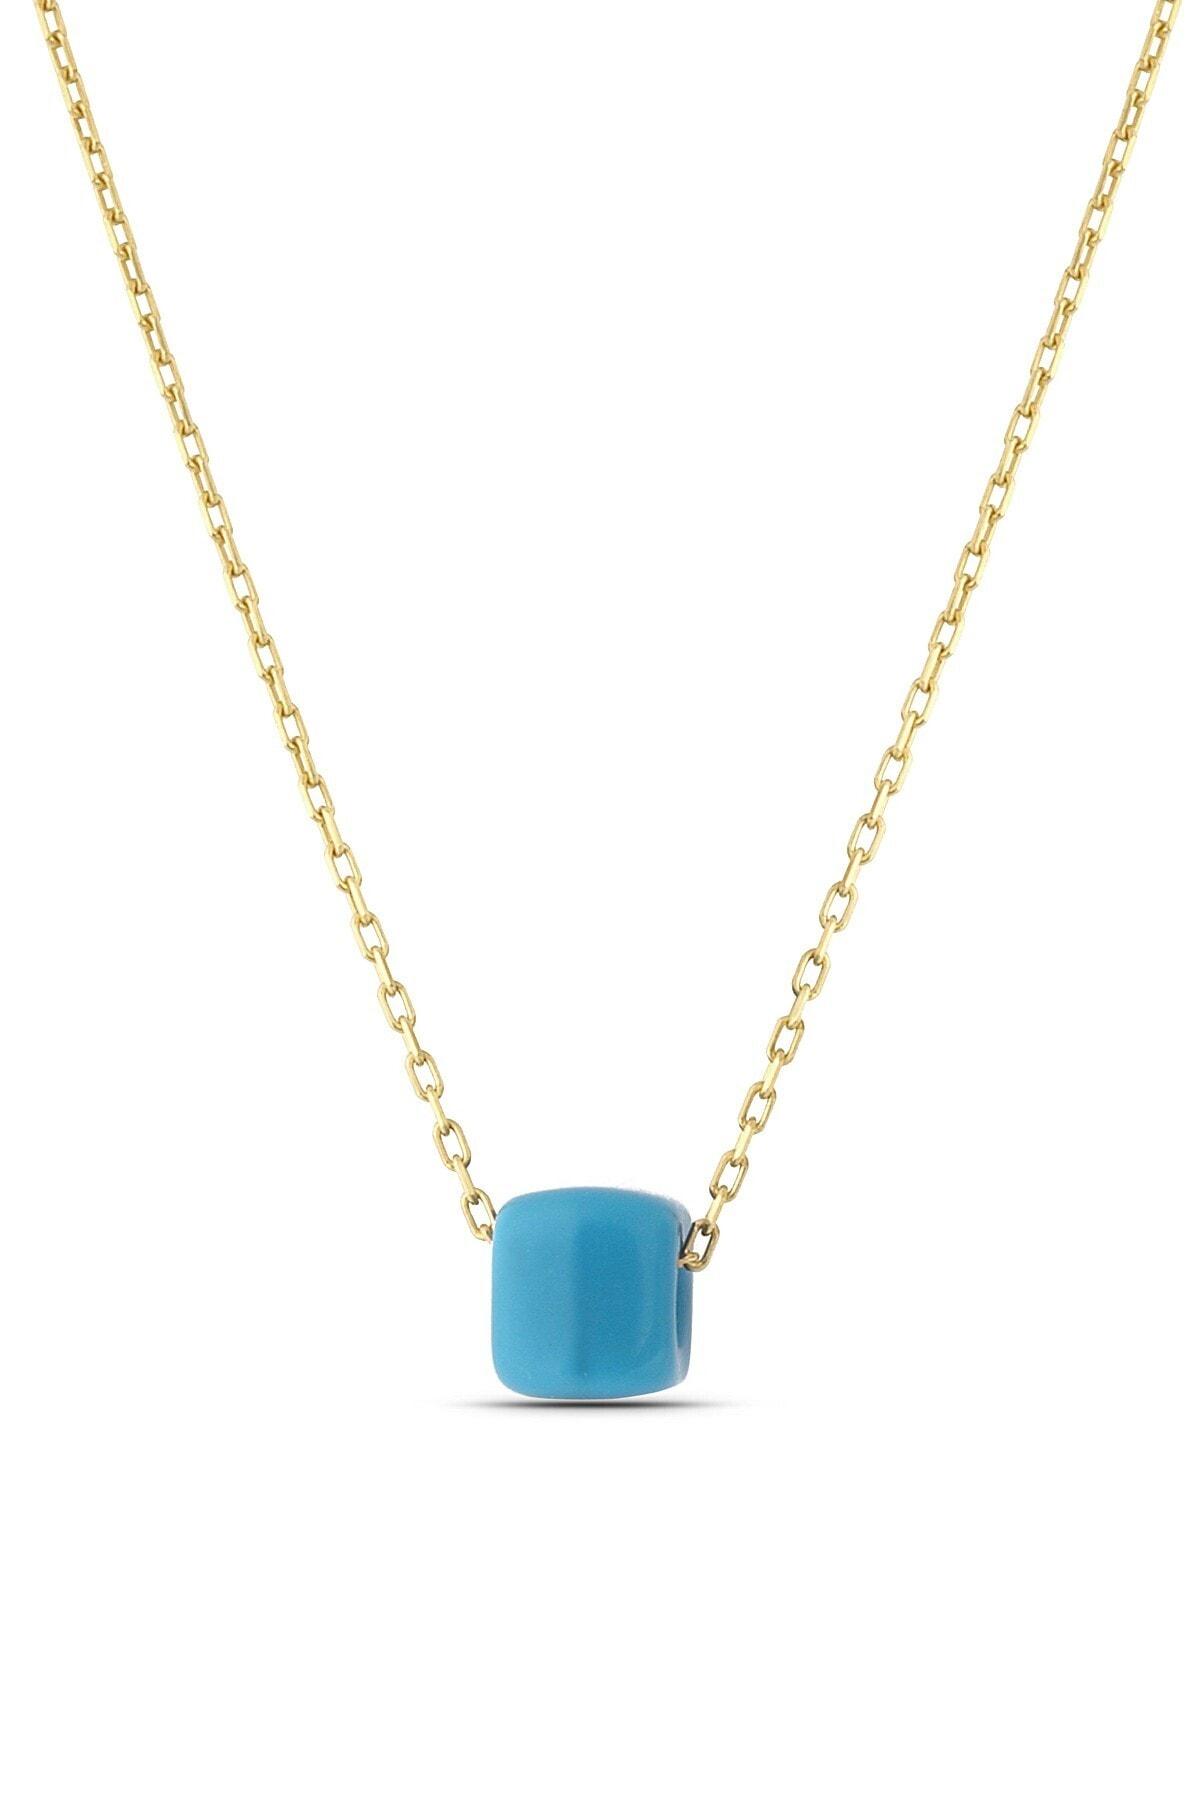 MySilvers Kadın Altın Mavi Boncuklu Klasik Gümüş Kolye 1